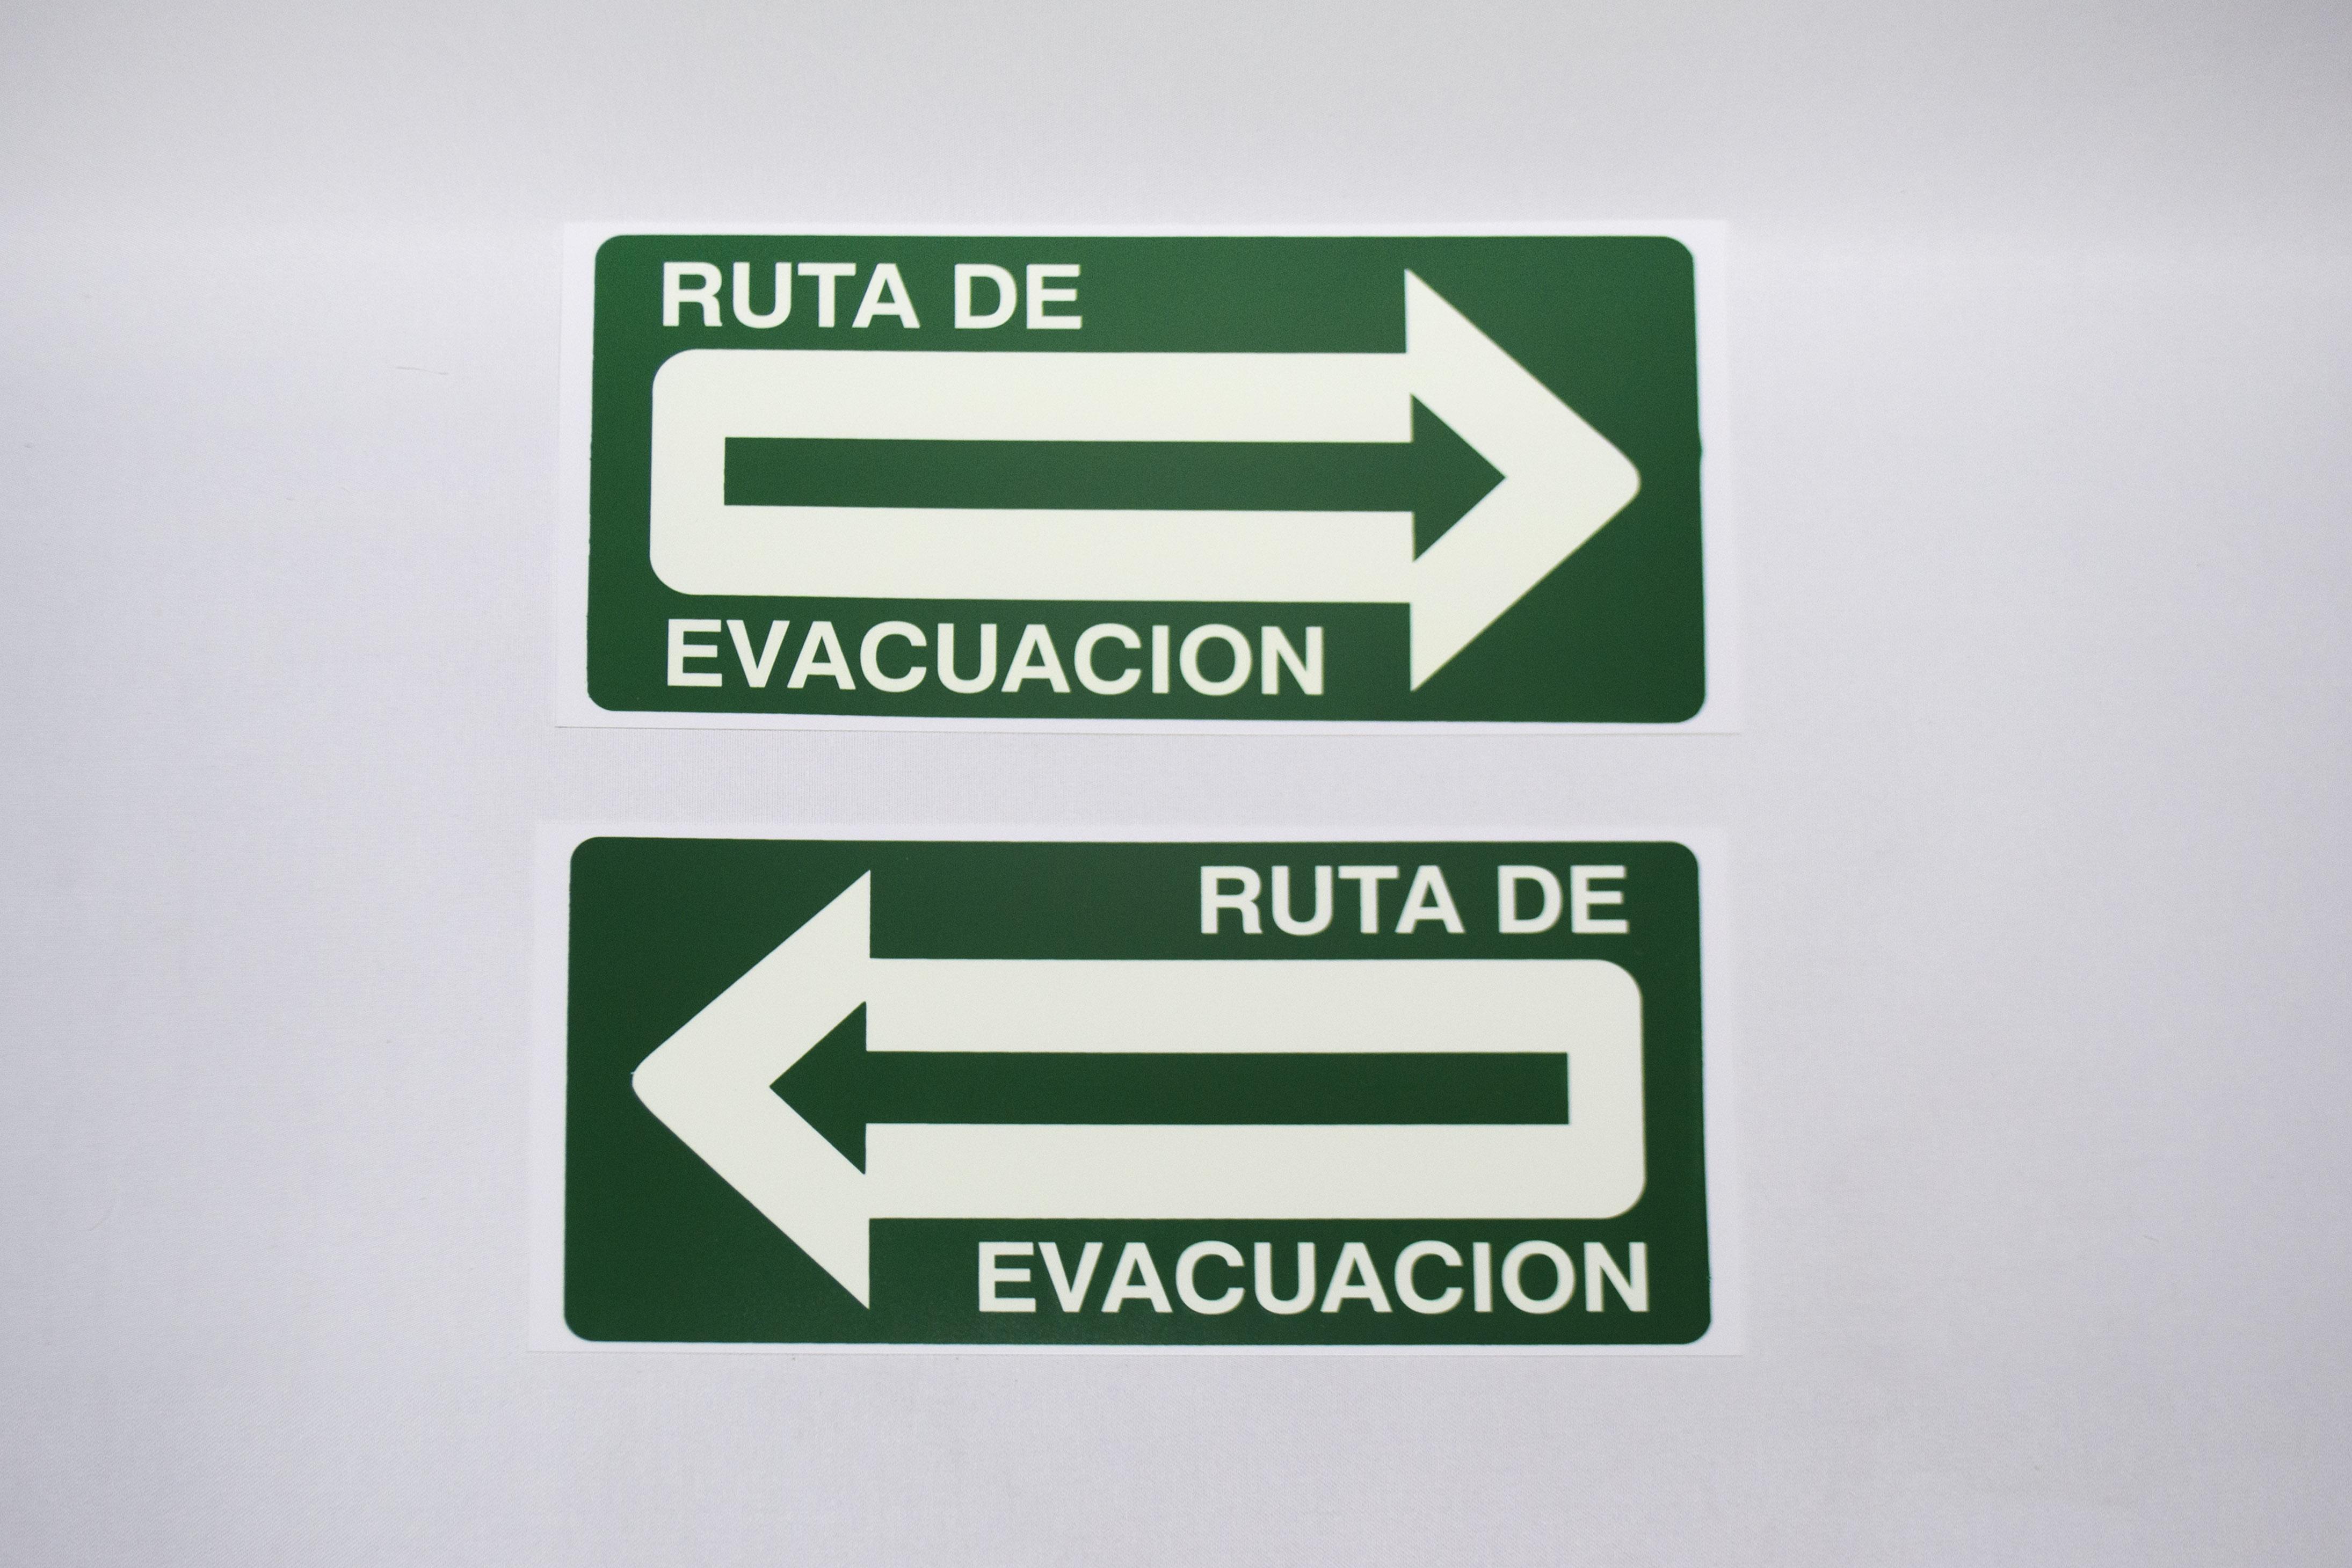 Señalamientos_ rutas de evacuacion